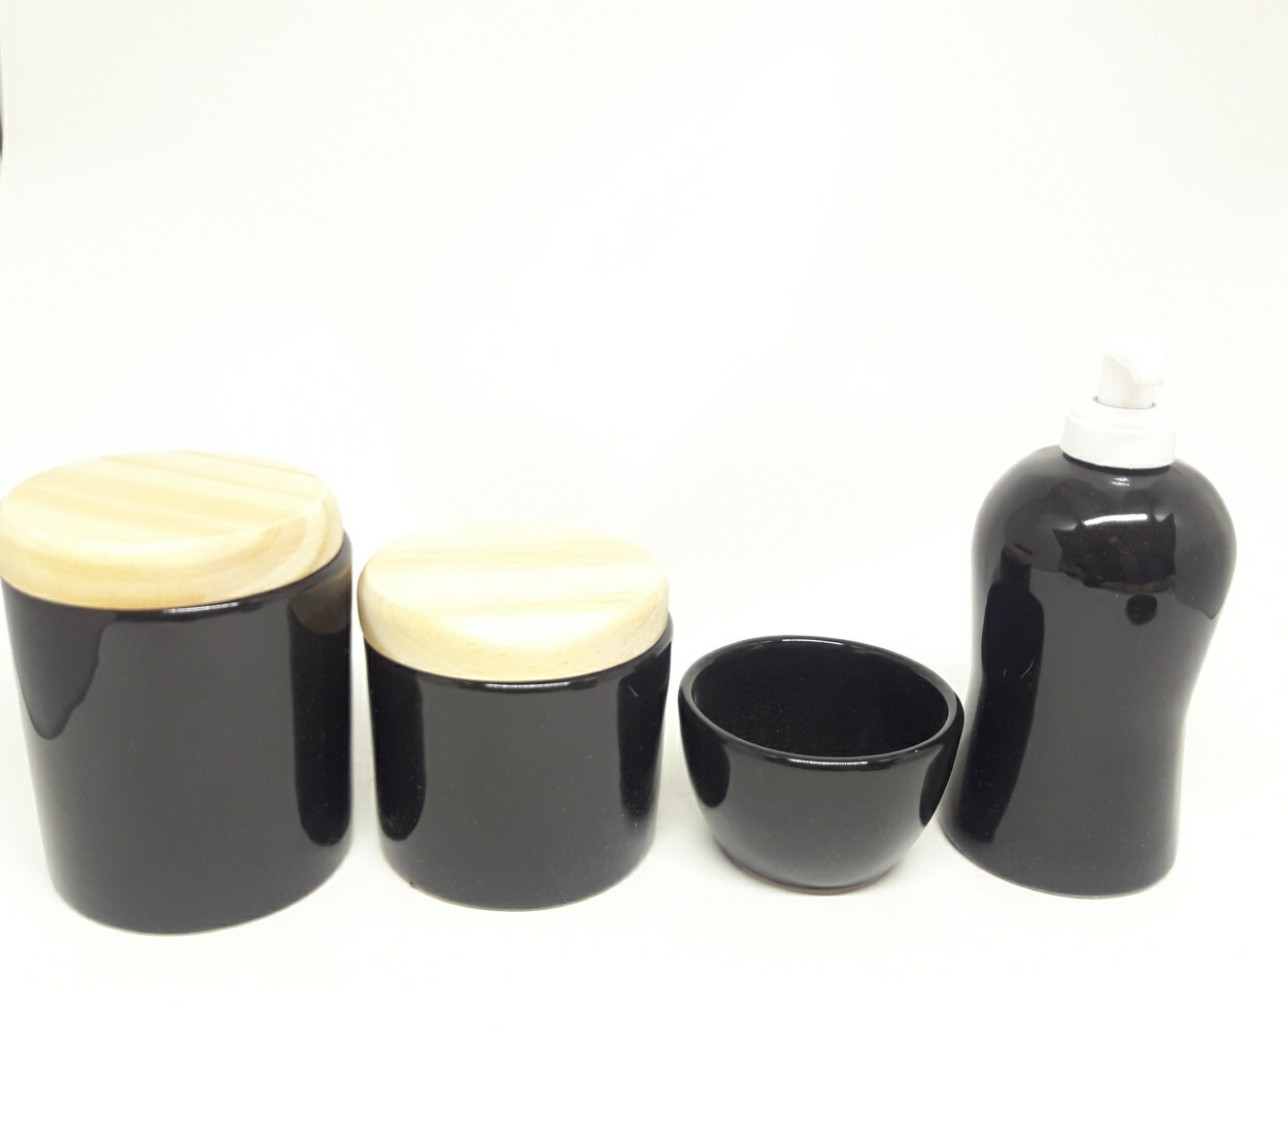 Kit Higiene Bebê Cerâmica Preto com Tampas Pinus